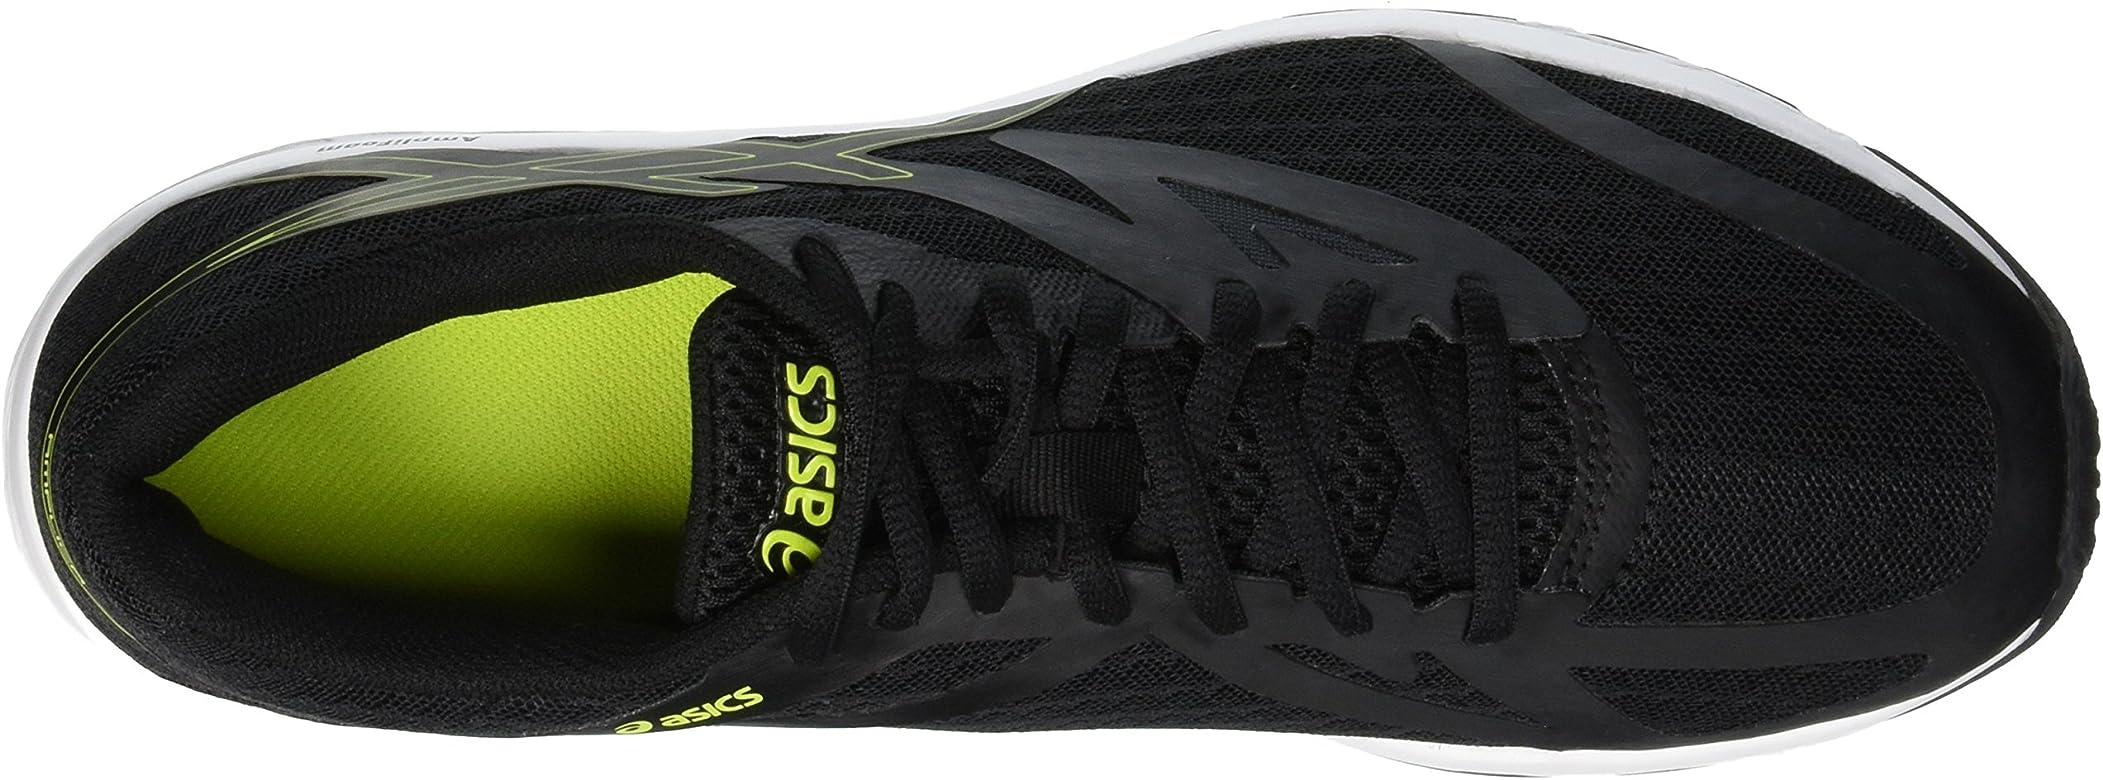 Asics Amplica, Zapatillas de Entrenamiento para Hombre, Negro (Black/Rose Neon Lime 001), 40.5 EU: Amazon.es: Zapatos y complementos